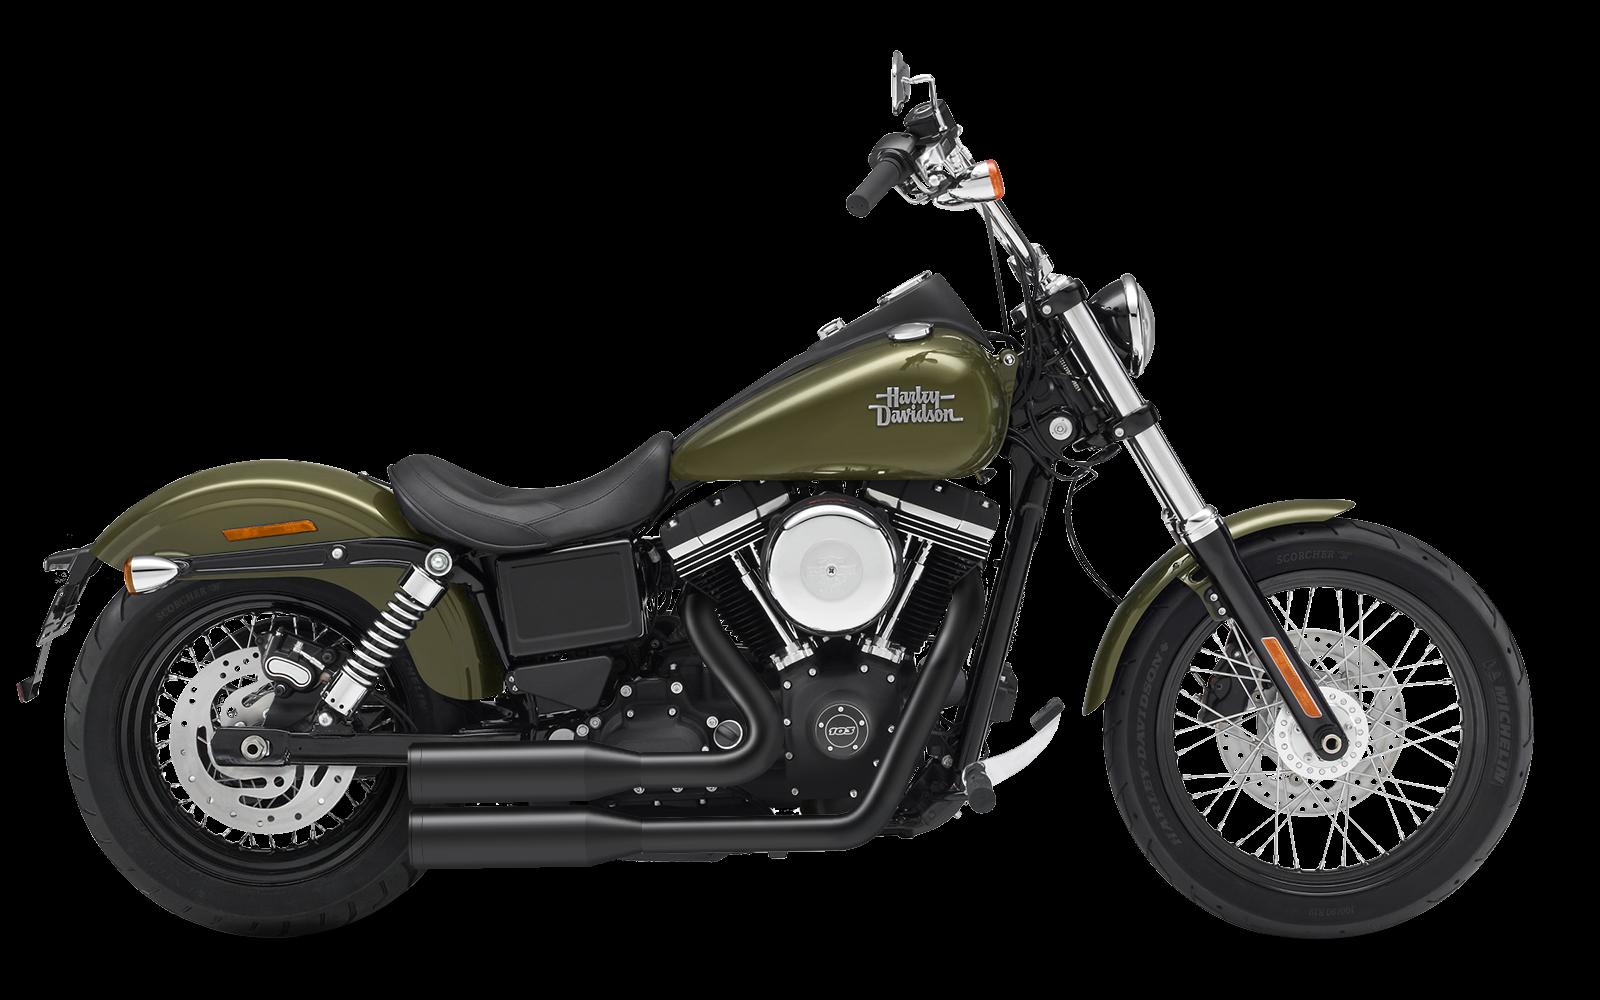 Dyna - Low Rider - TC103 - 2017 - Komplettanlage verstellbar